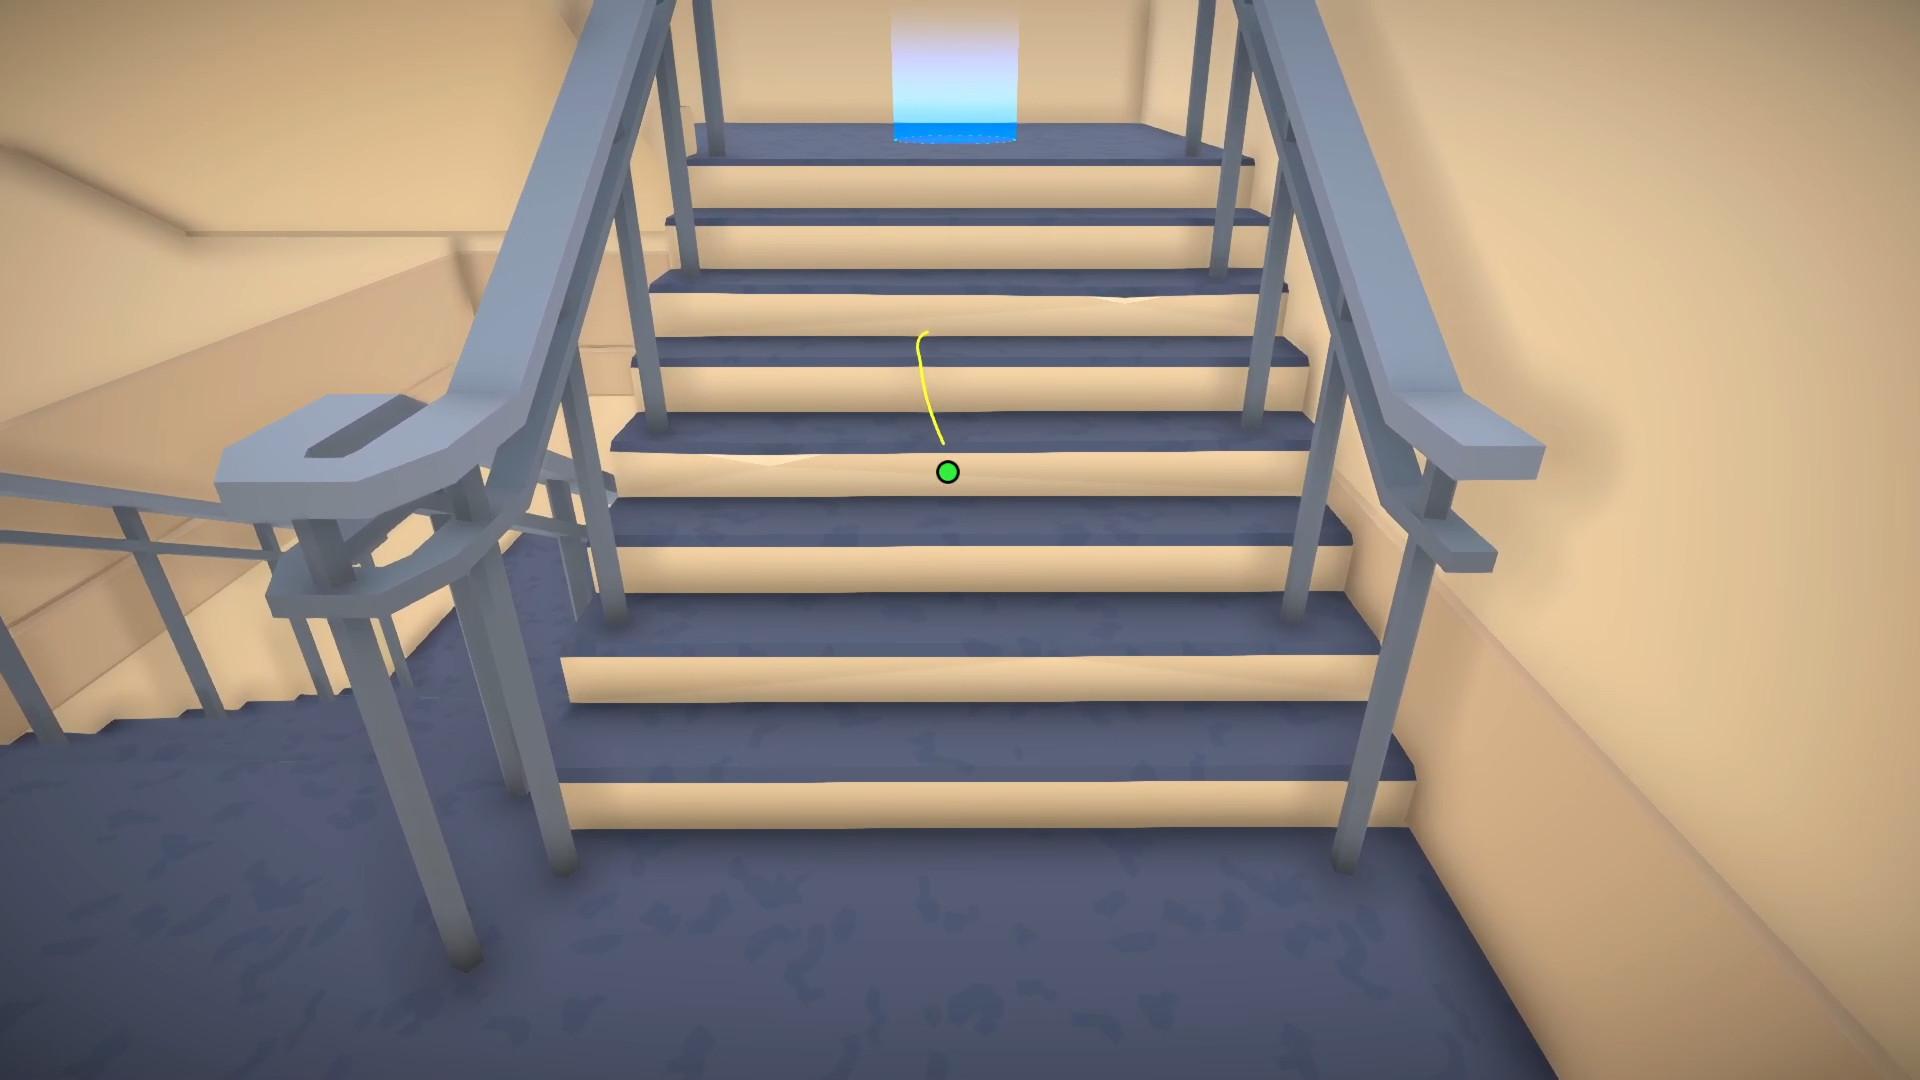 spaghetti2.0_stair